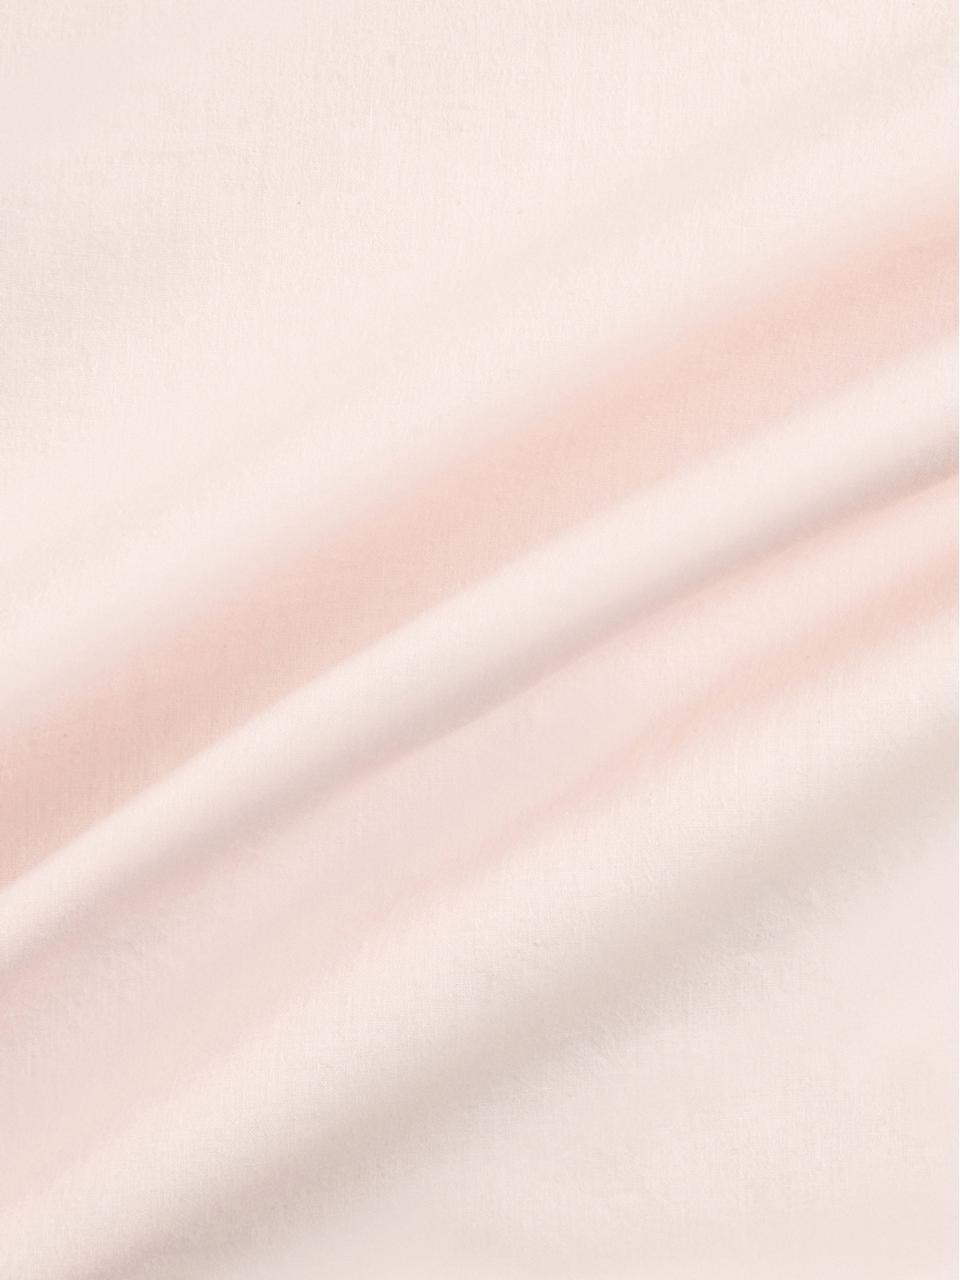 Baumwollperkal-Bettwäsche Fia mit getufteter Verzierung, Webart: Perkal Fadendichte 180 TC, Apricot, 240 x 220 cm + 2 Kissen 80 x 80 cm